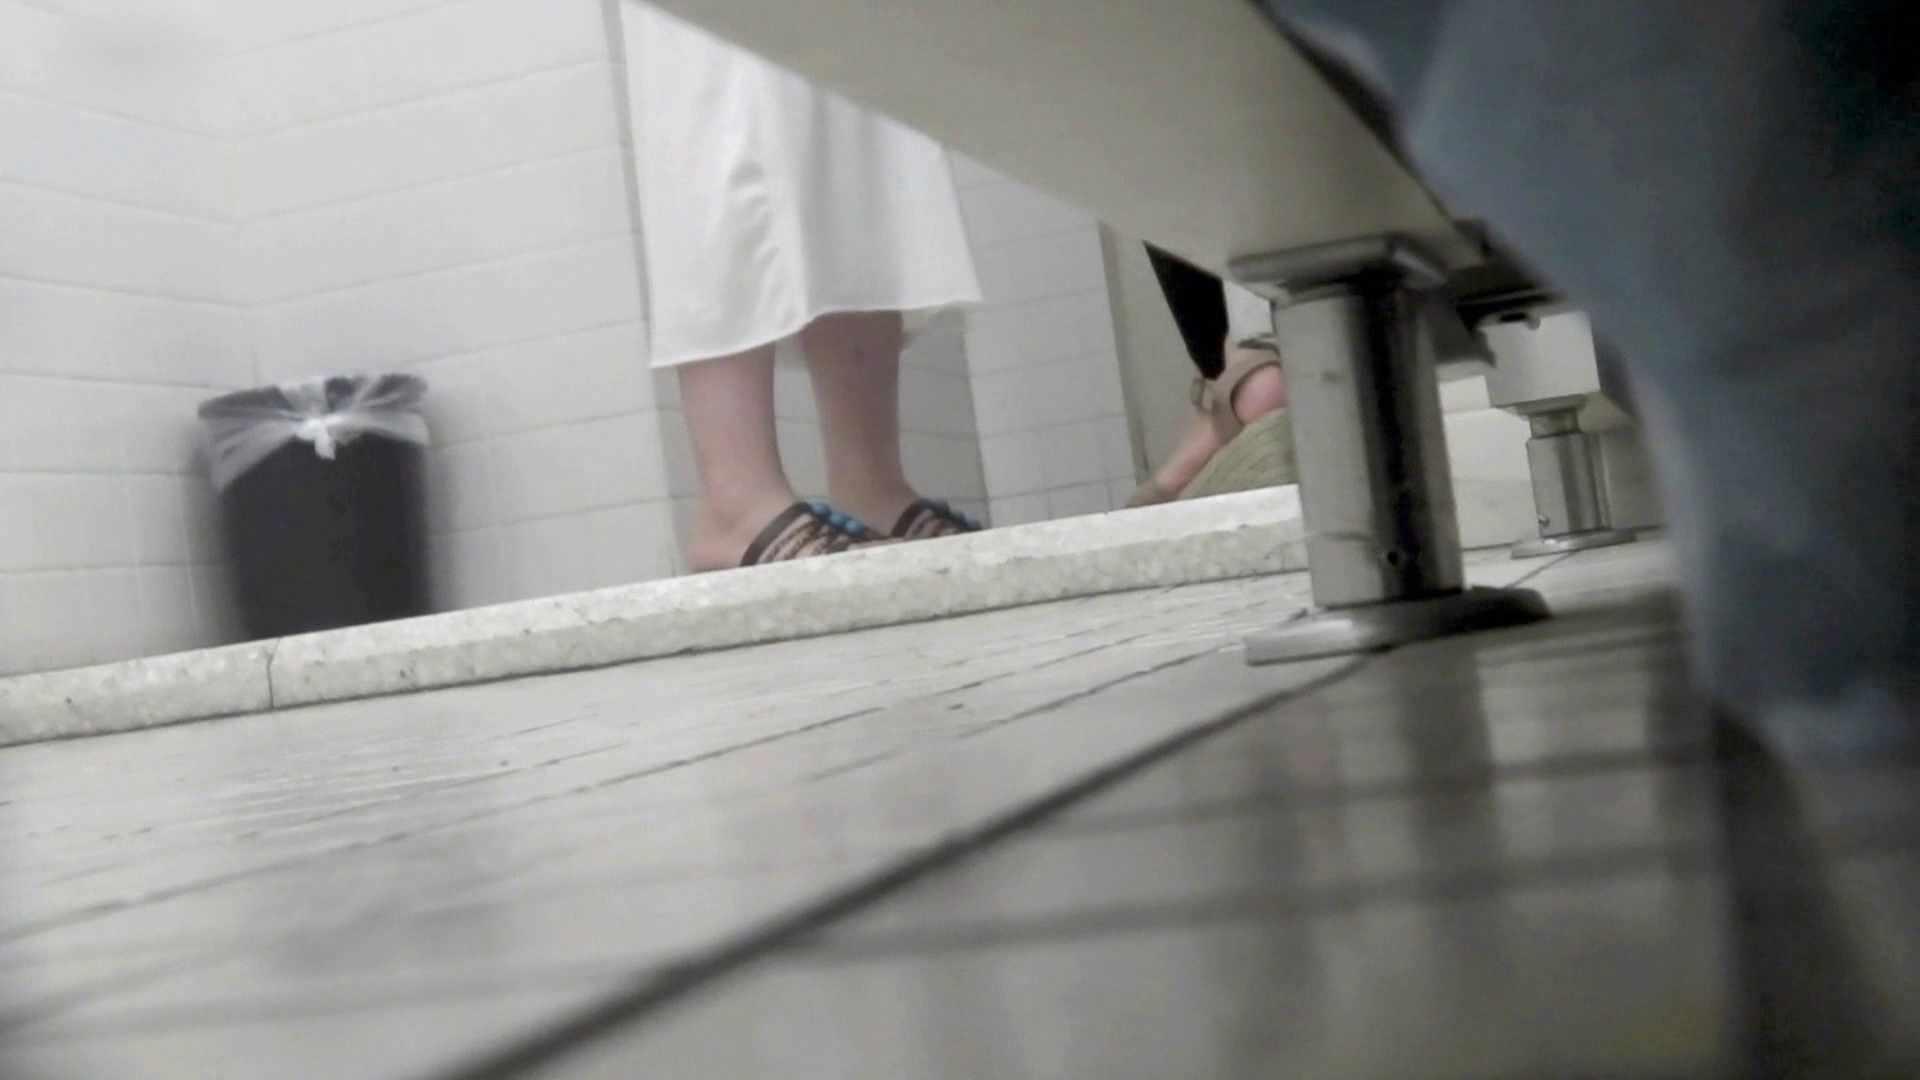 お銀さんの洗面所突入レポート!!vol.73 シリーズ一番エロい尻登場 洗面所 | OLエロ画像  40PICs 13